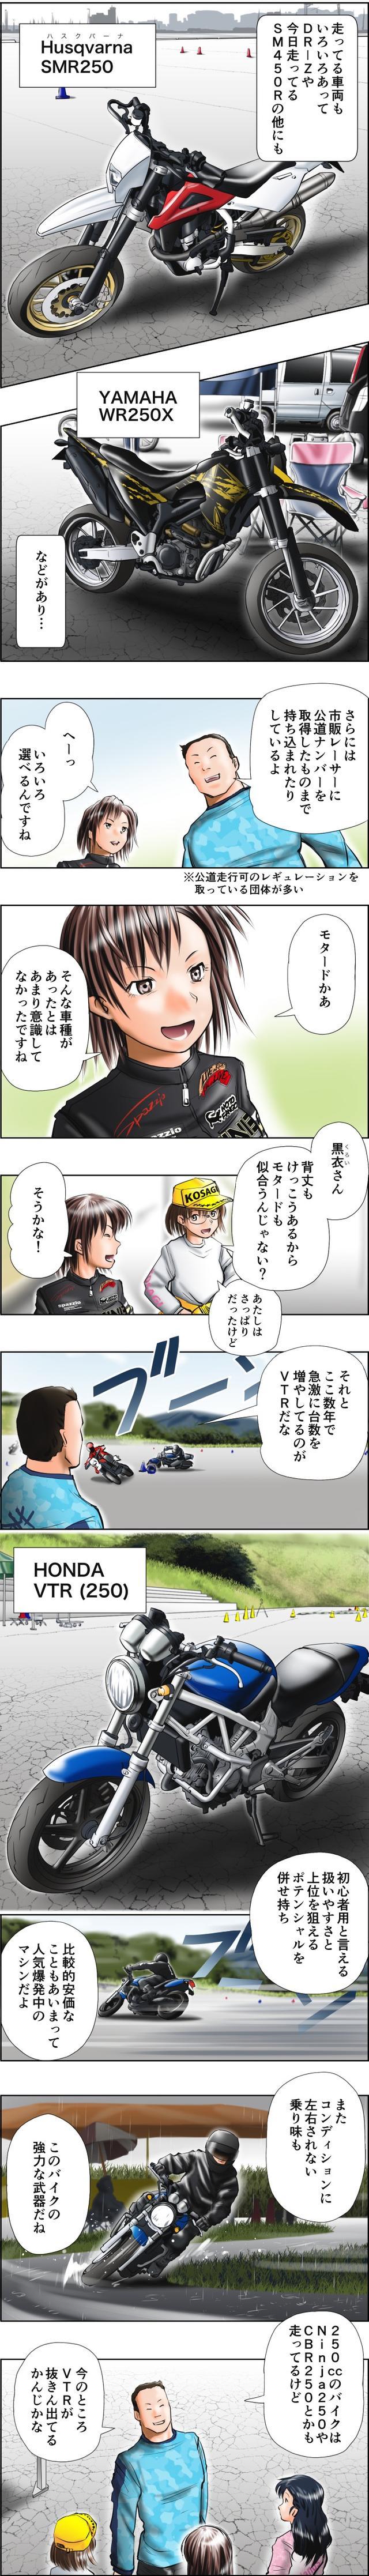 画像2: MOTOジム!(第5話:SSはハードル高いから!)  作・ばどみゅーみん